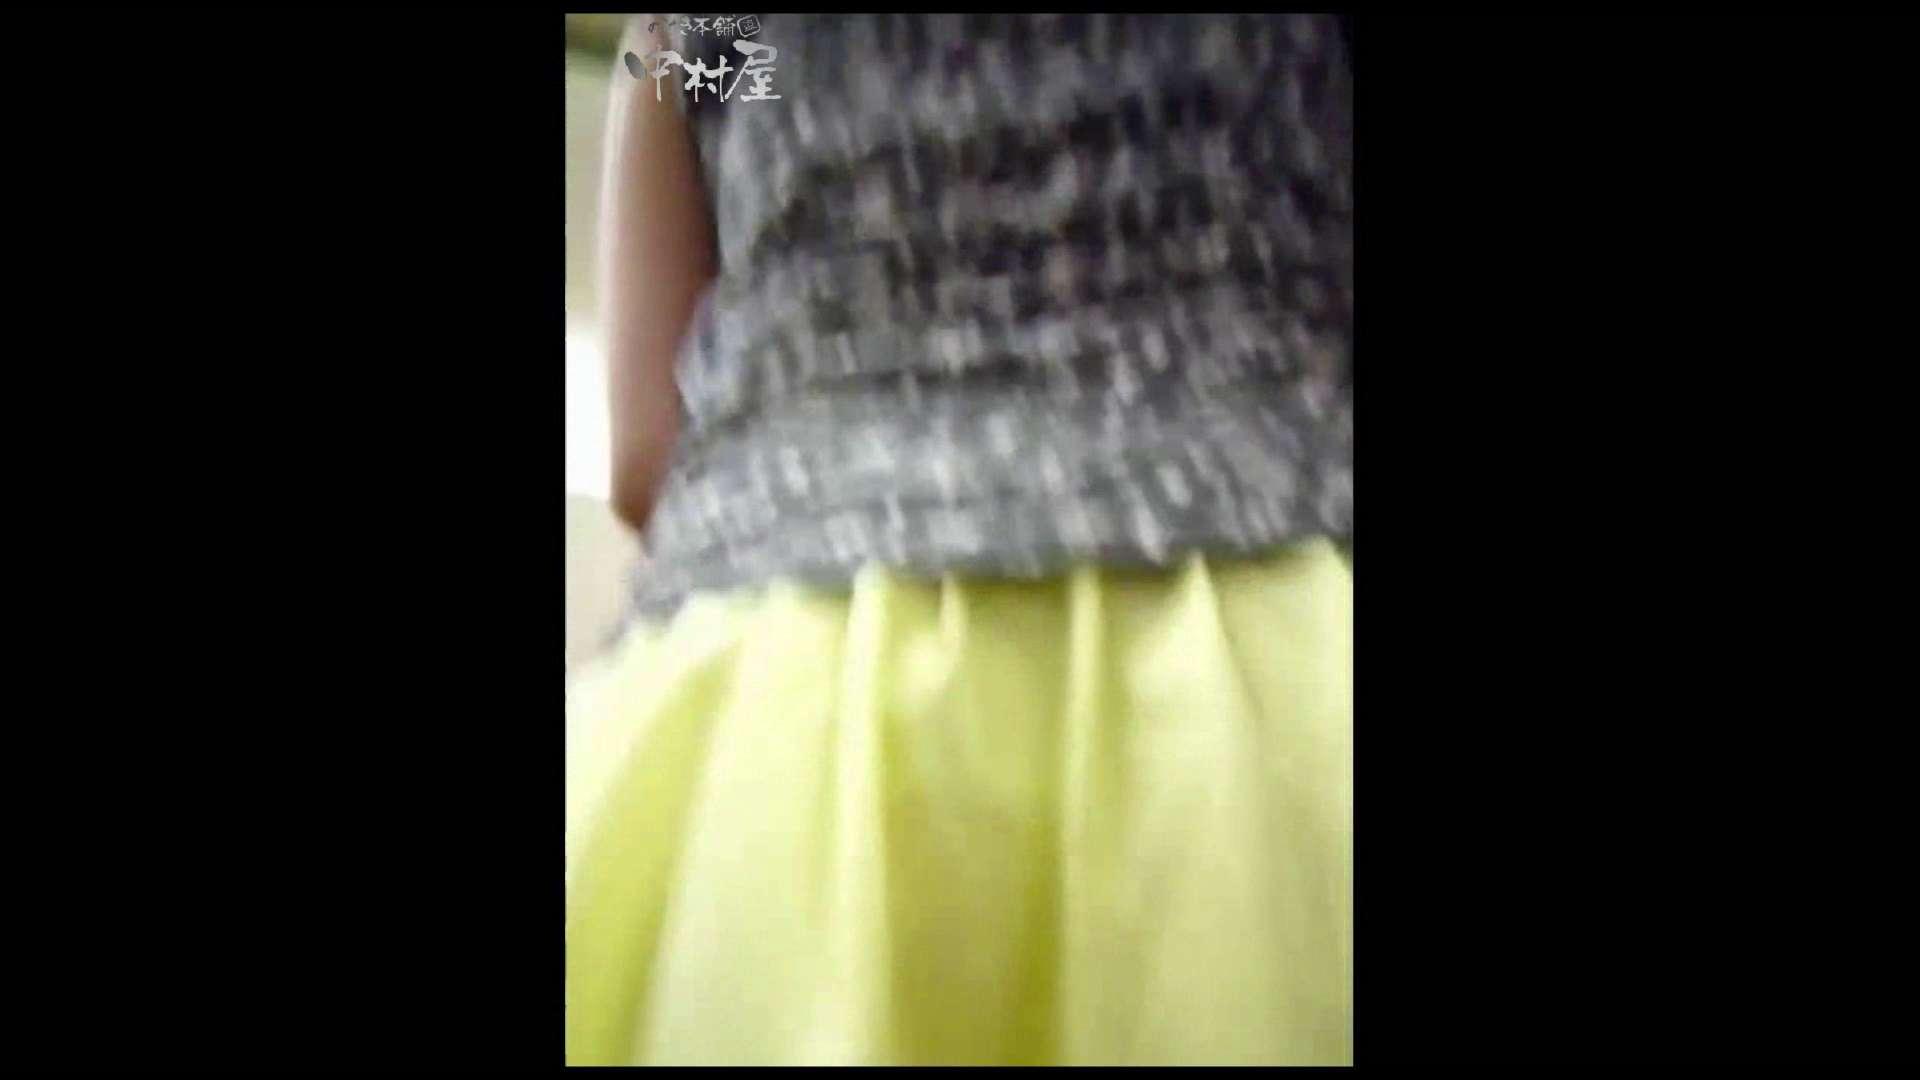 綺麗なモデルさんのスカート捲っちゃおう‼ vol29 0   0  68pic 35